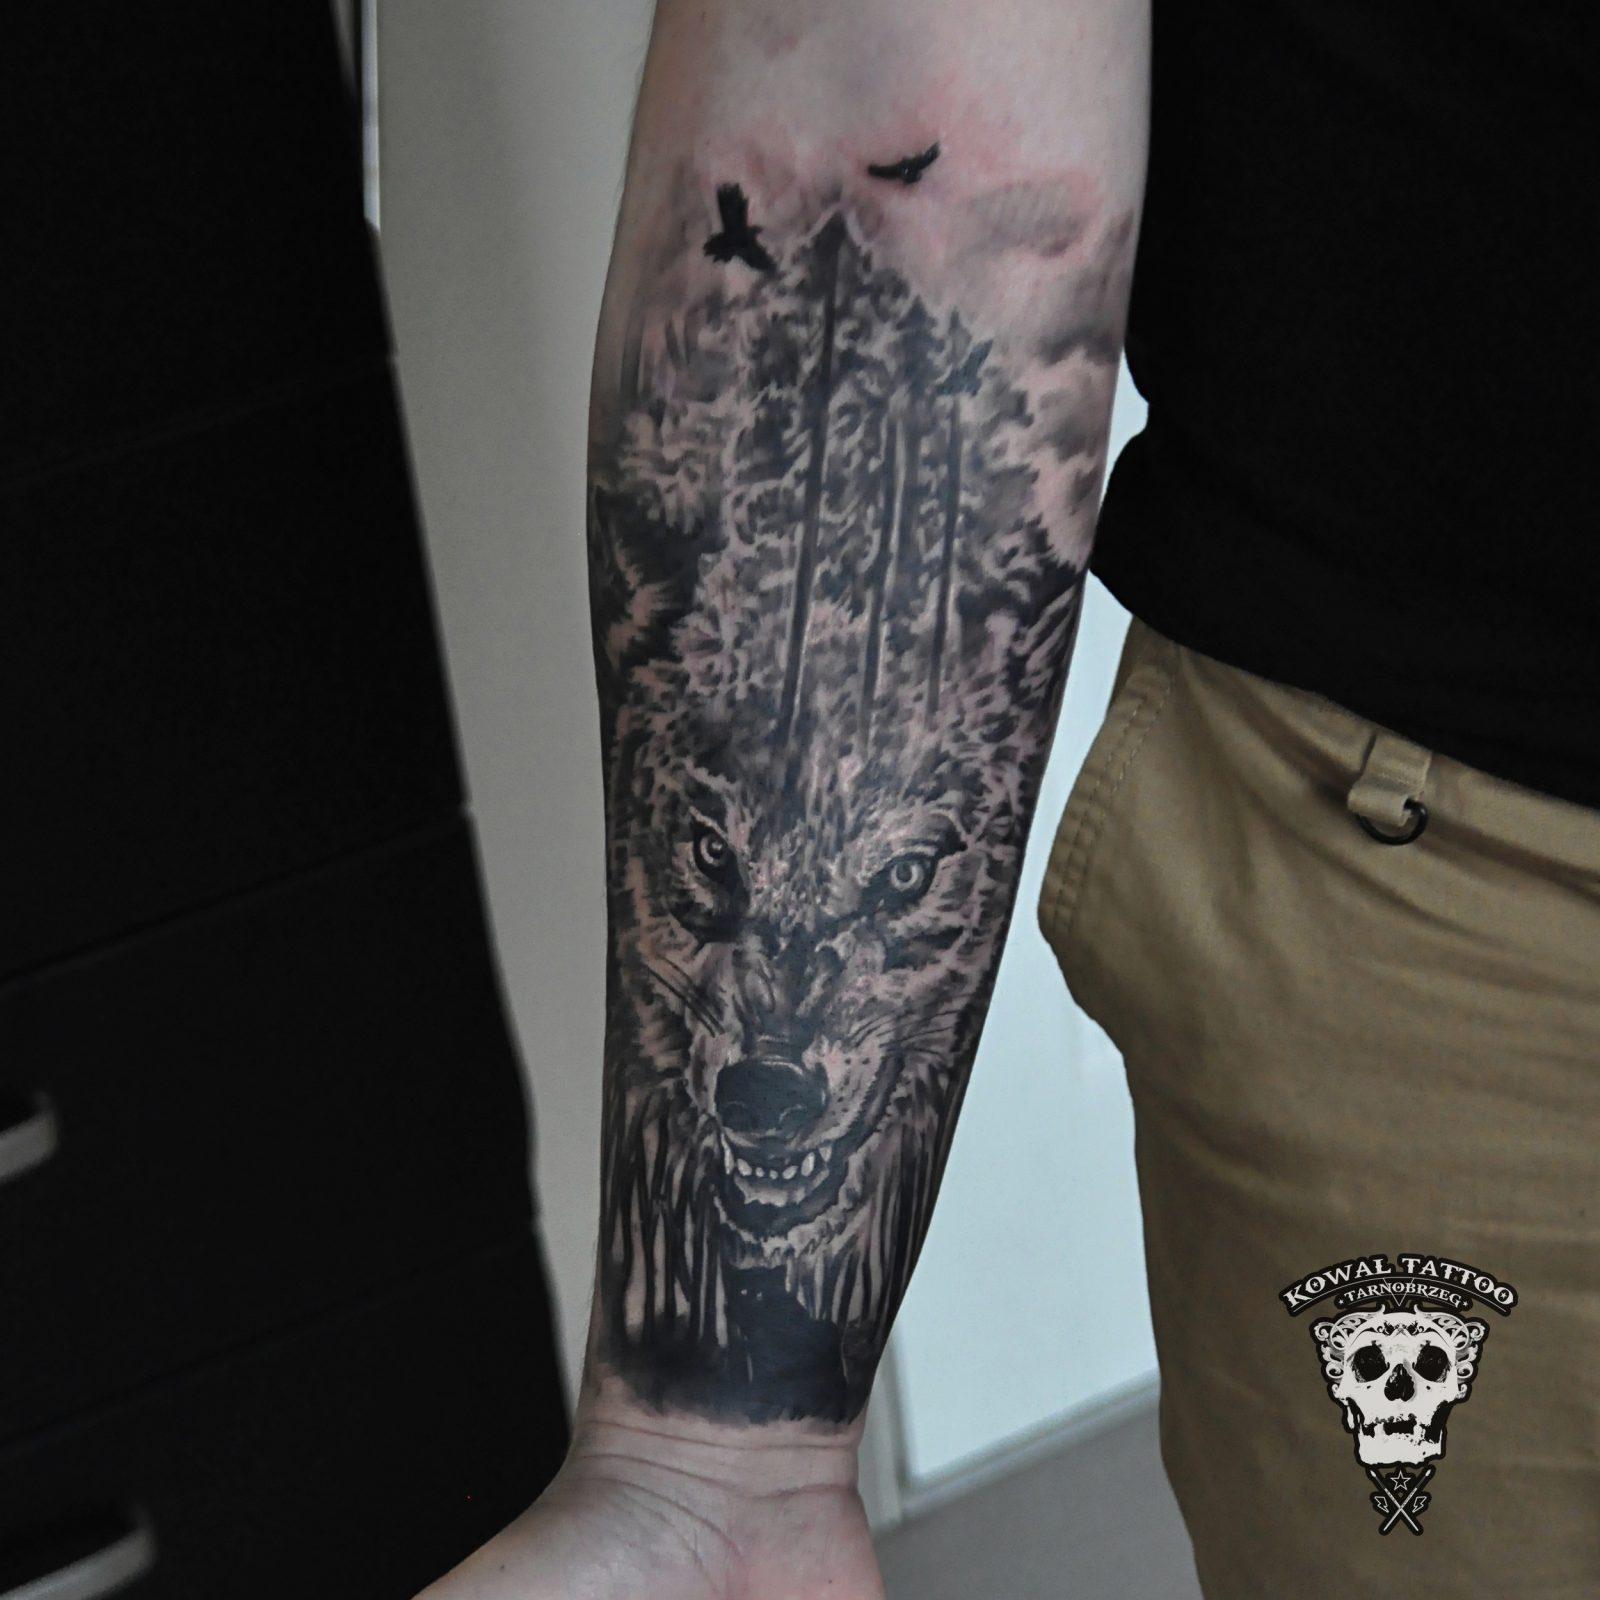 kowal-tattoo-tarnobrzeg-wolf2